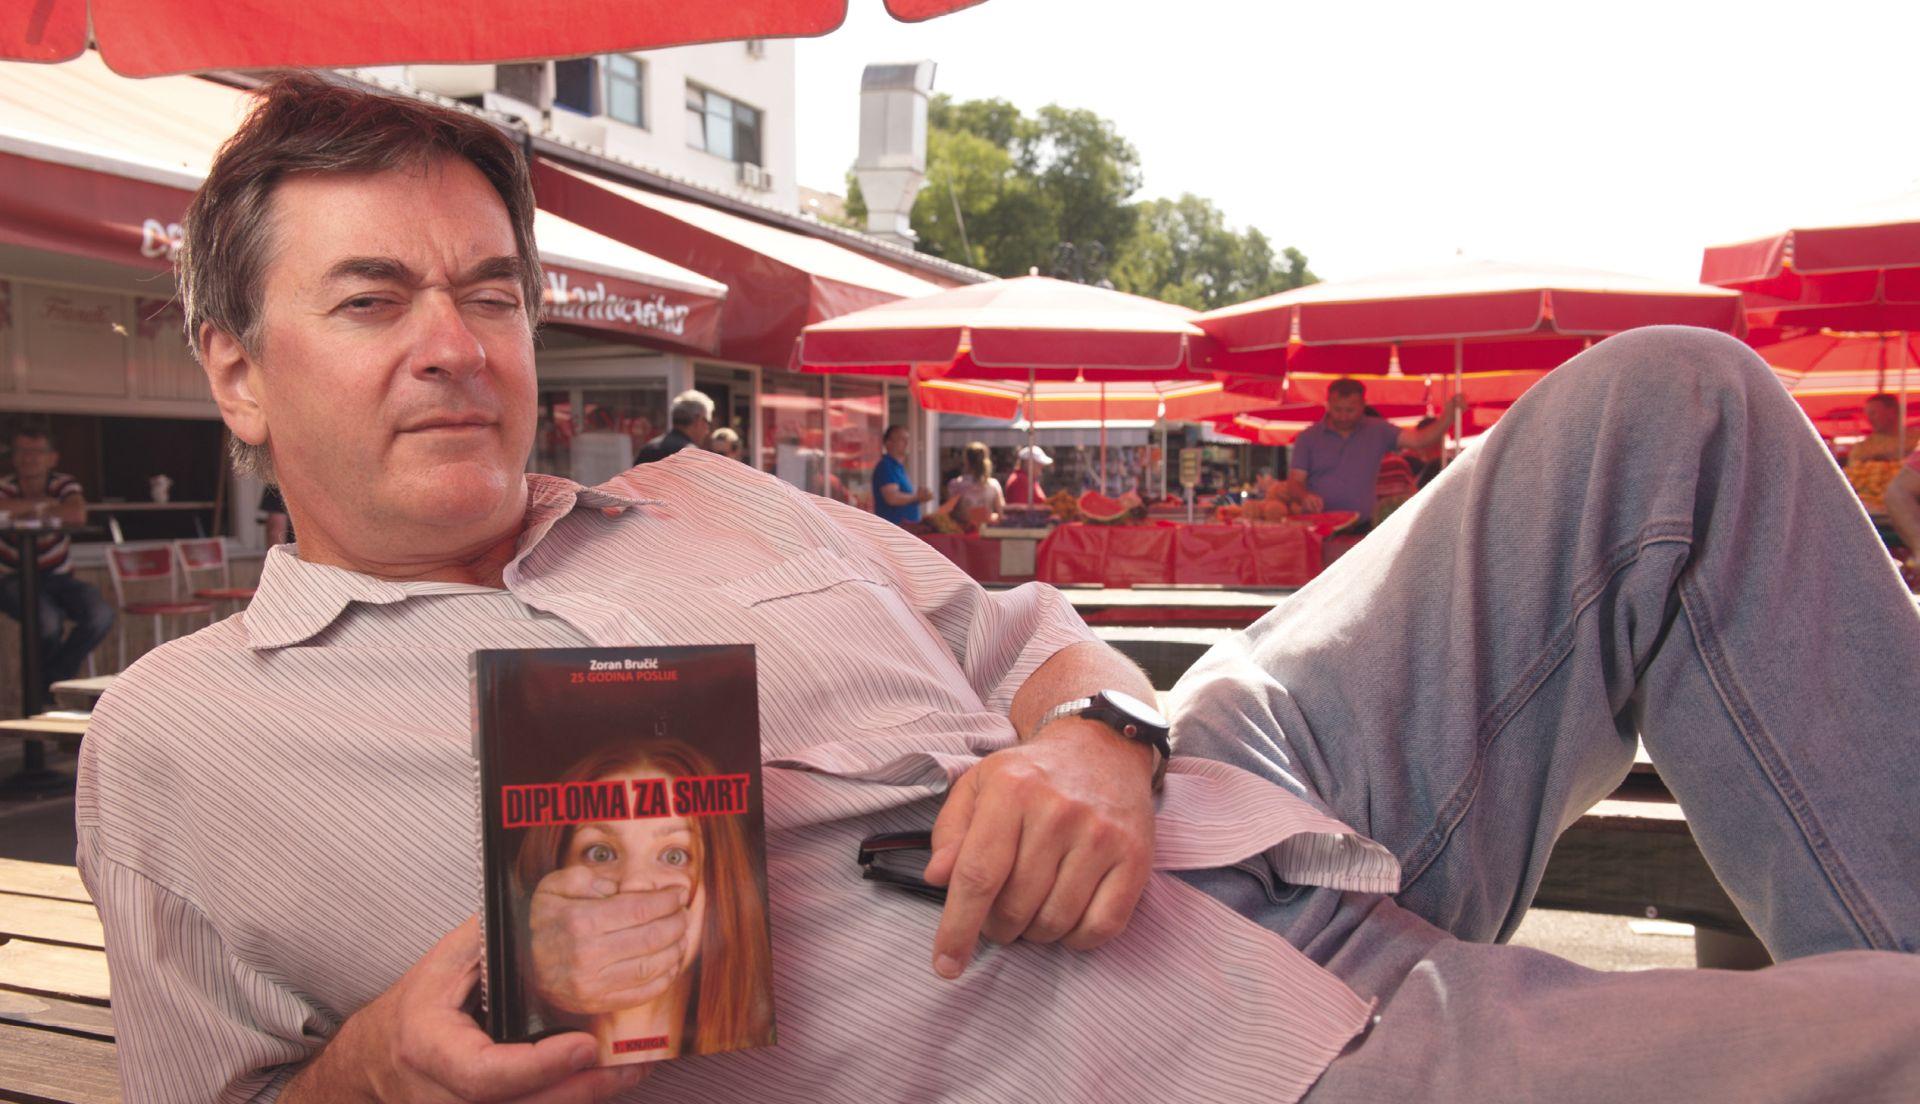 BRUČIĆ 'Zagrebačko podzemlje bilo mi je inspiracija za kriminalističku seriju'